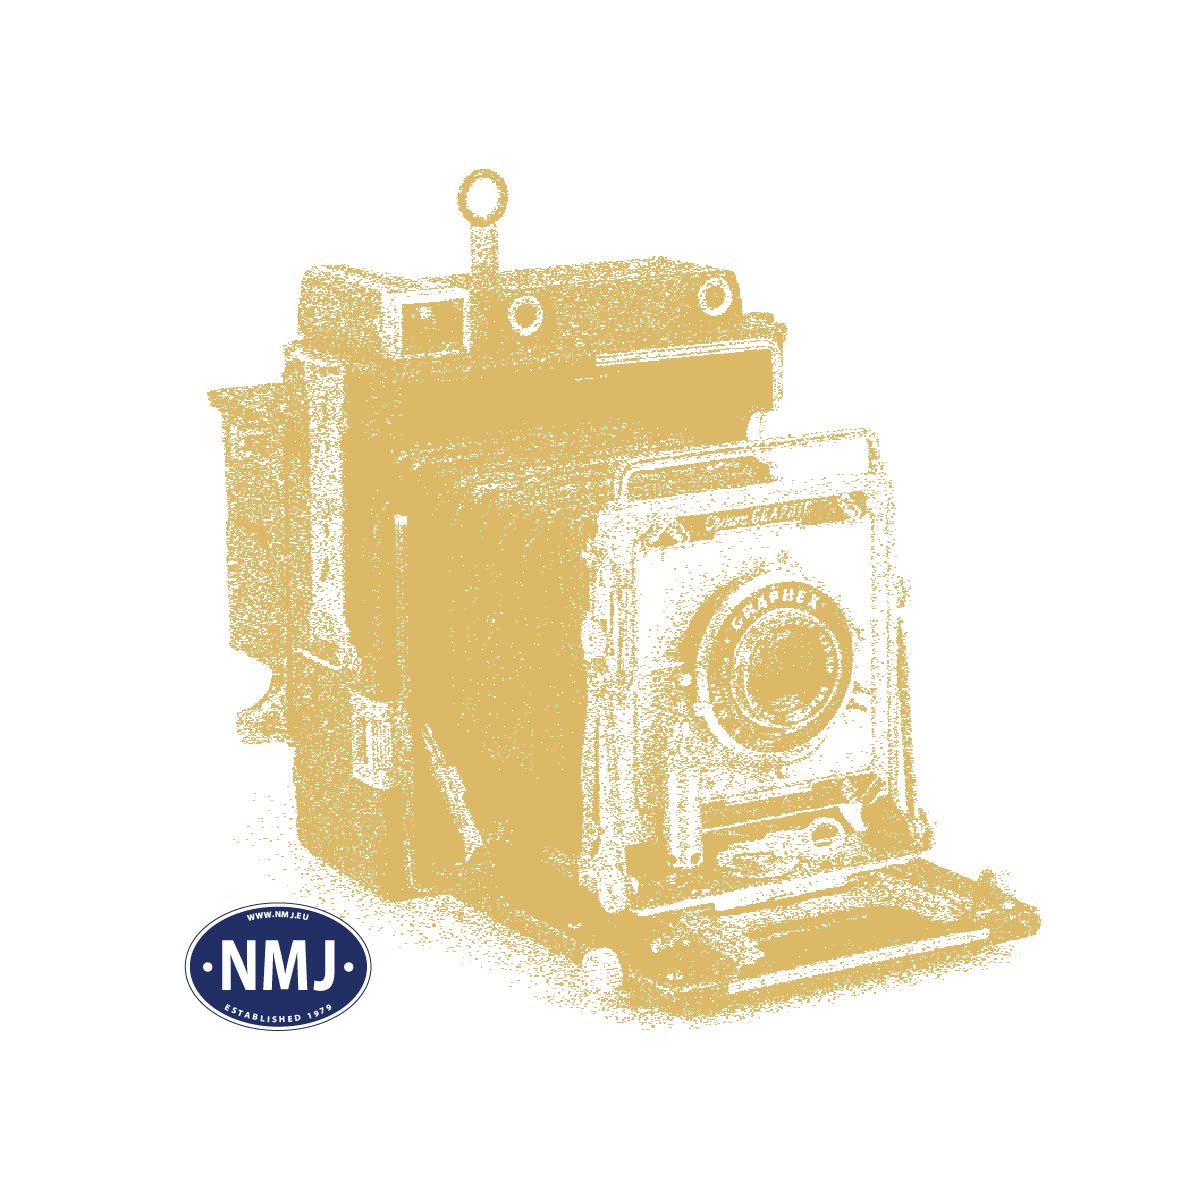 MOE0316 - Modell & Elektronikk 3/2016, Teknisk Hobbyblad